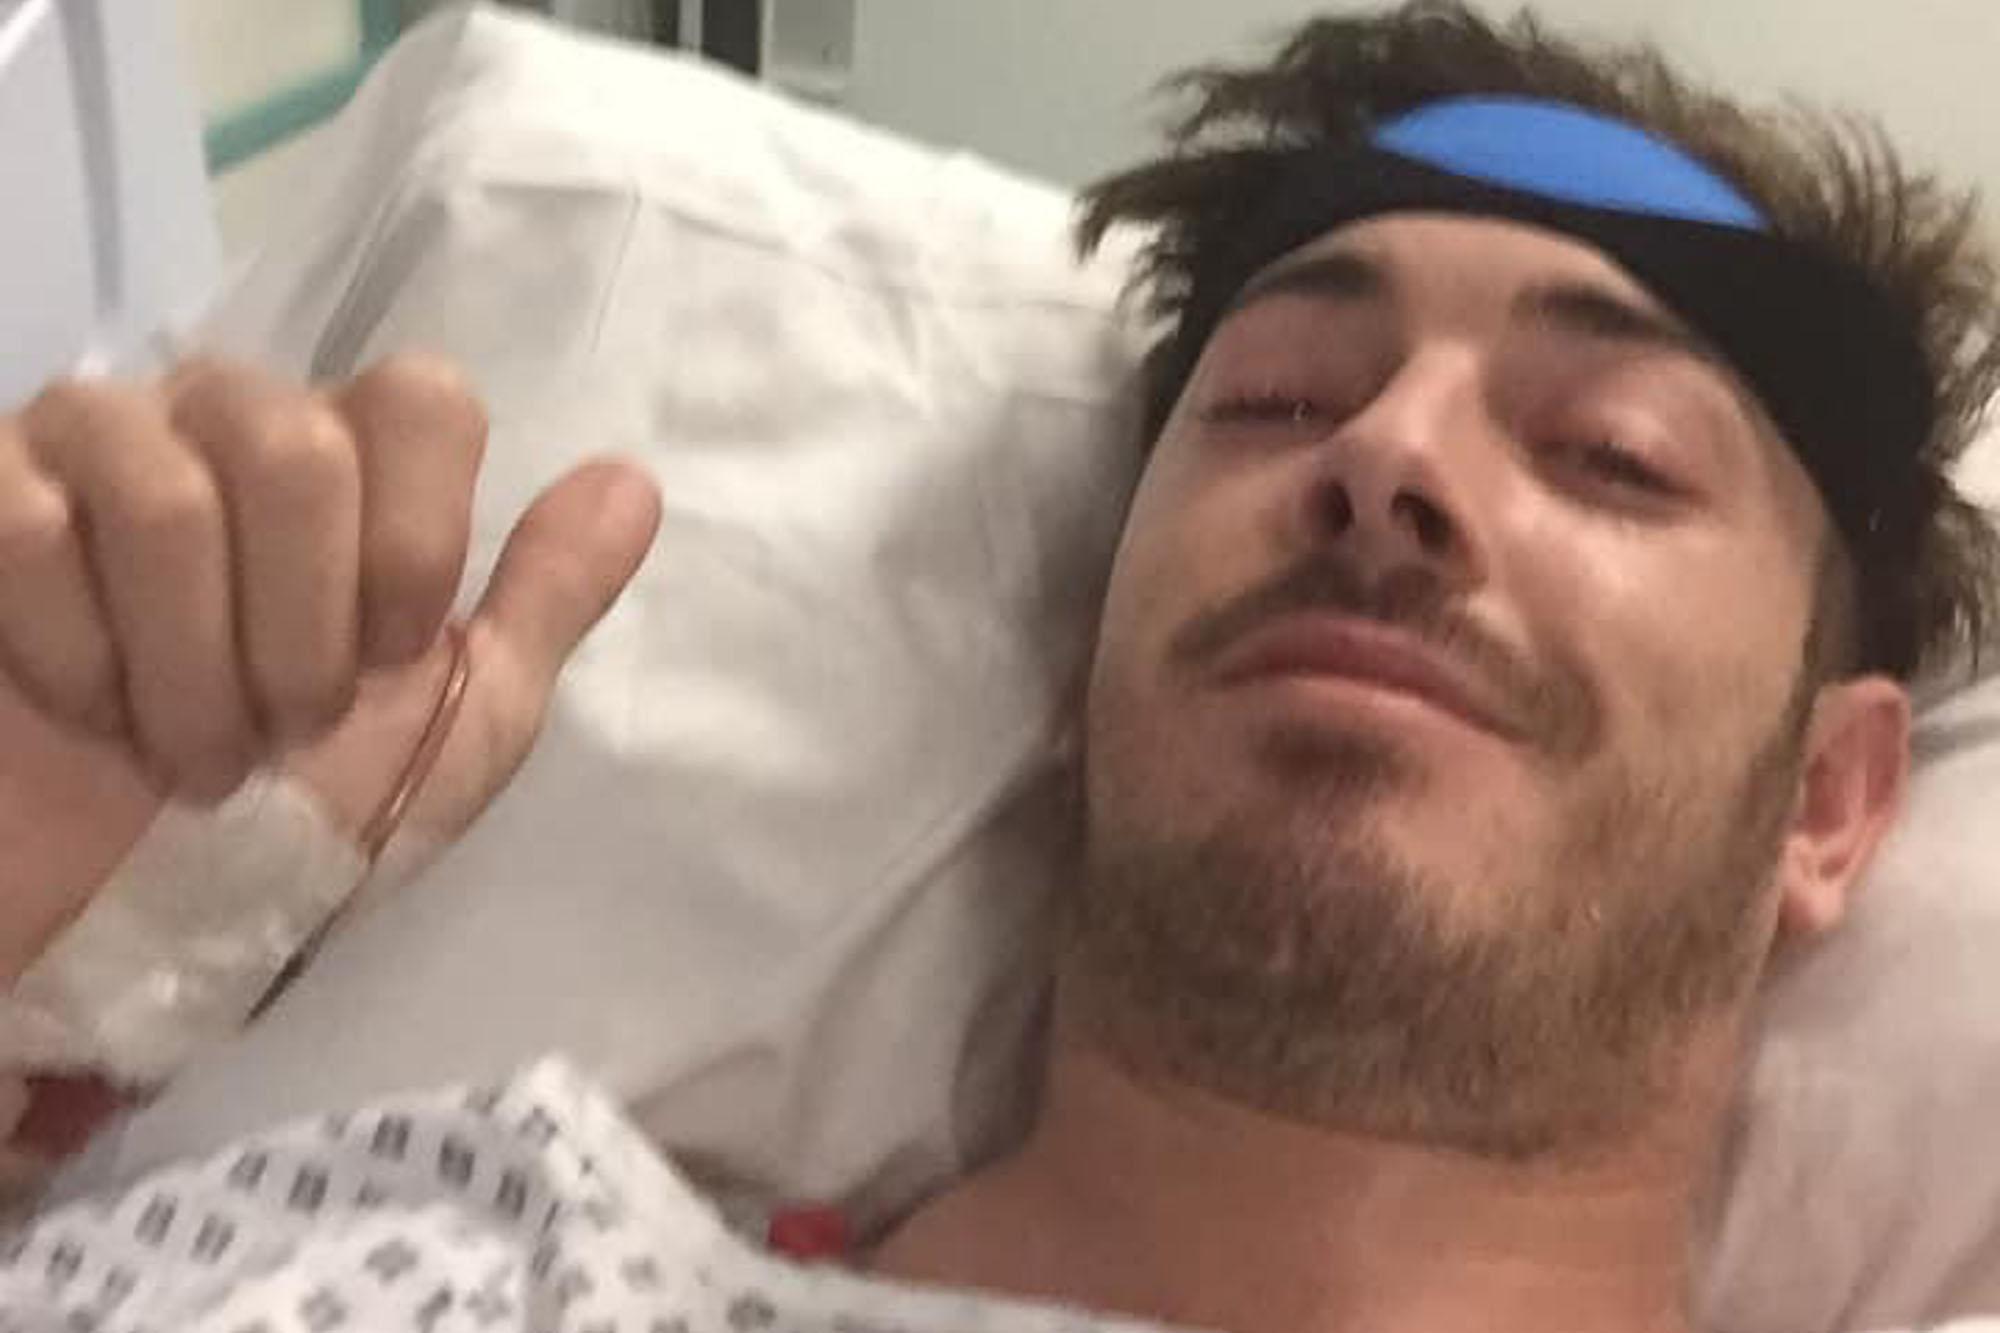 Hairdresser left paralyzed after freak mishap on trampoline